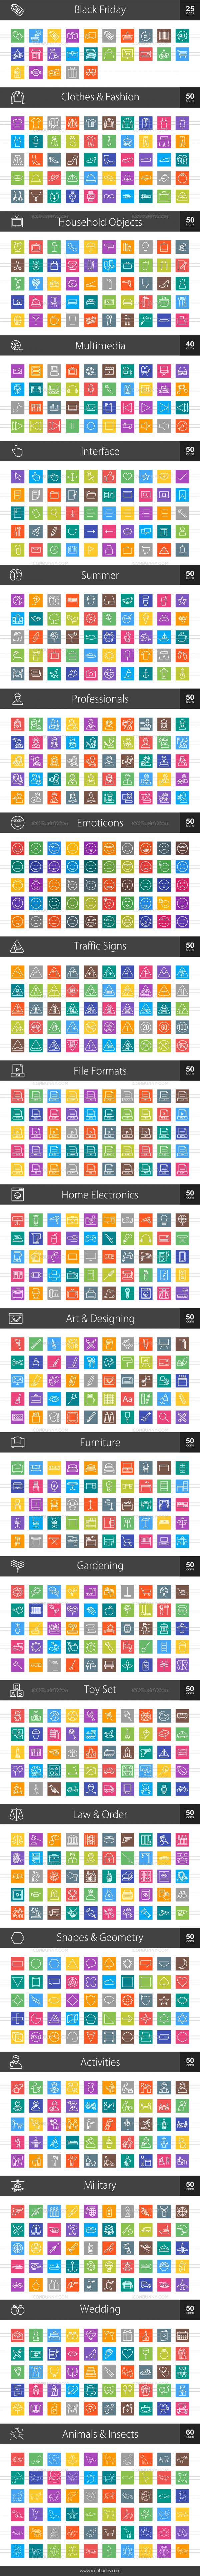 1025 Line Multicolor B/G Icons Bundle - Preview - IconBunny